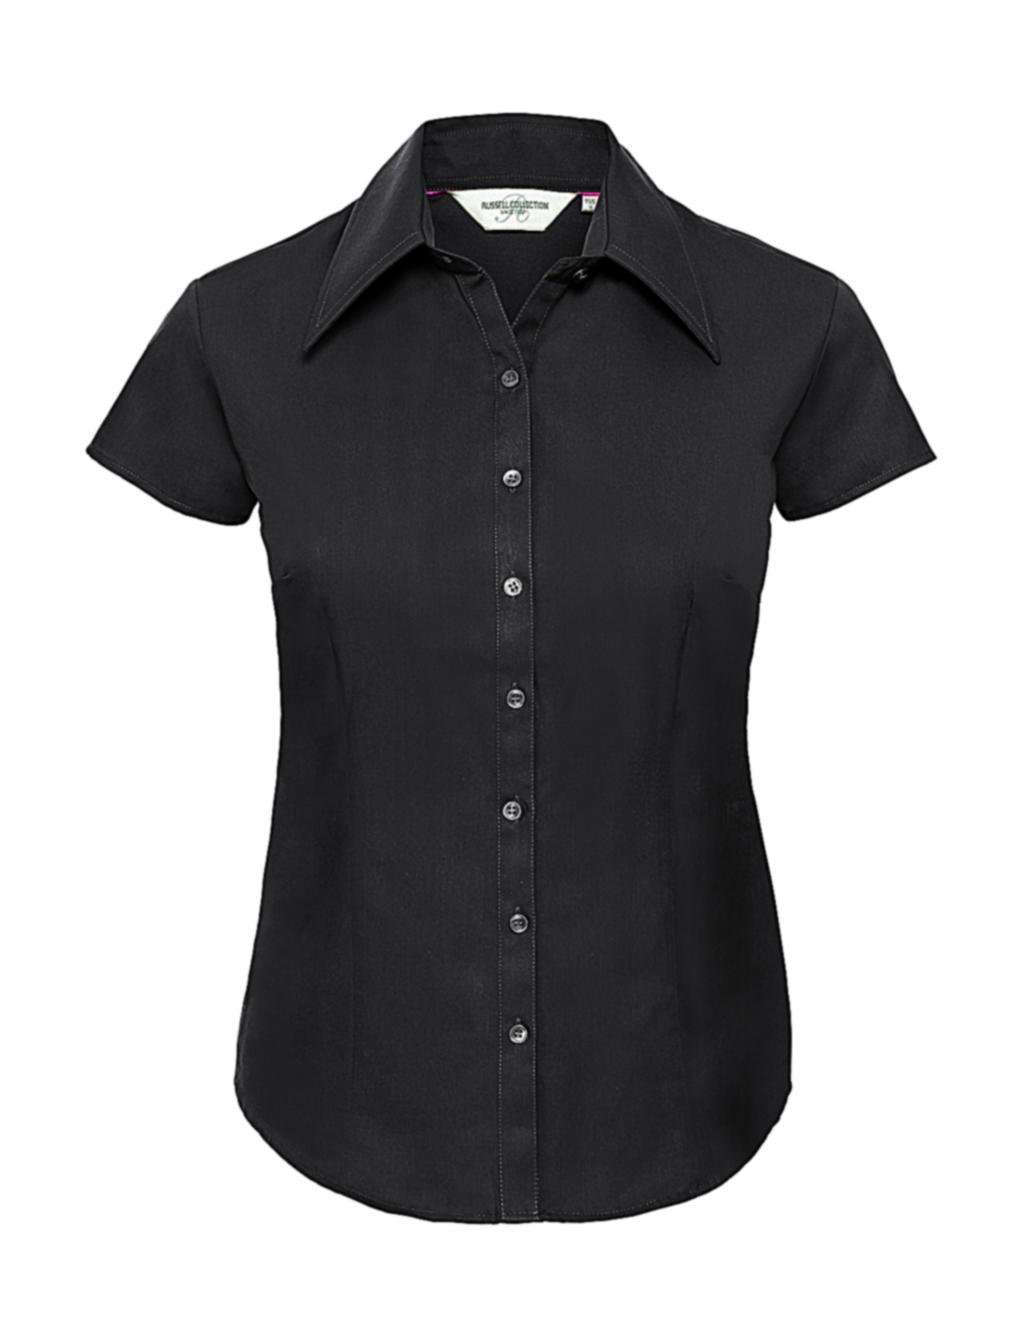 Dámská košile Tencel s krátkým rukávem - zvìtšit obrázek